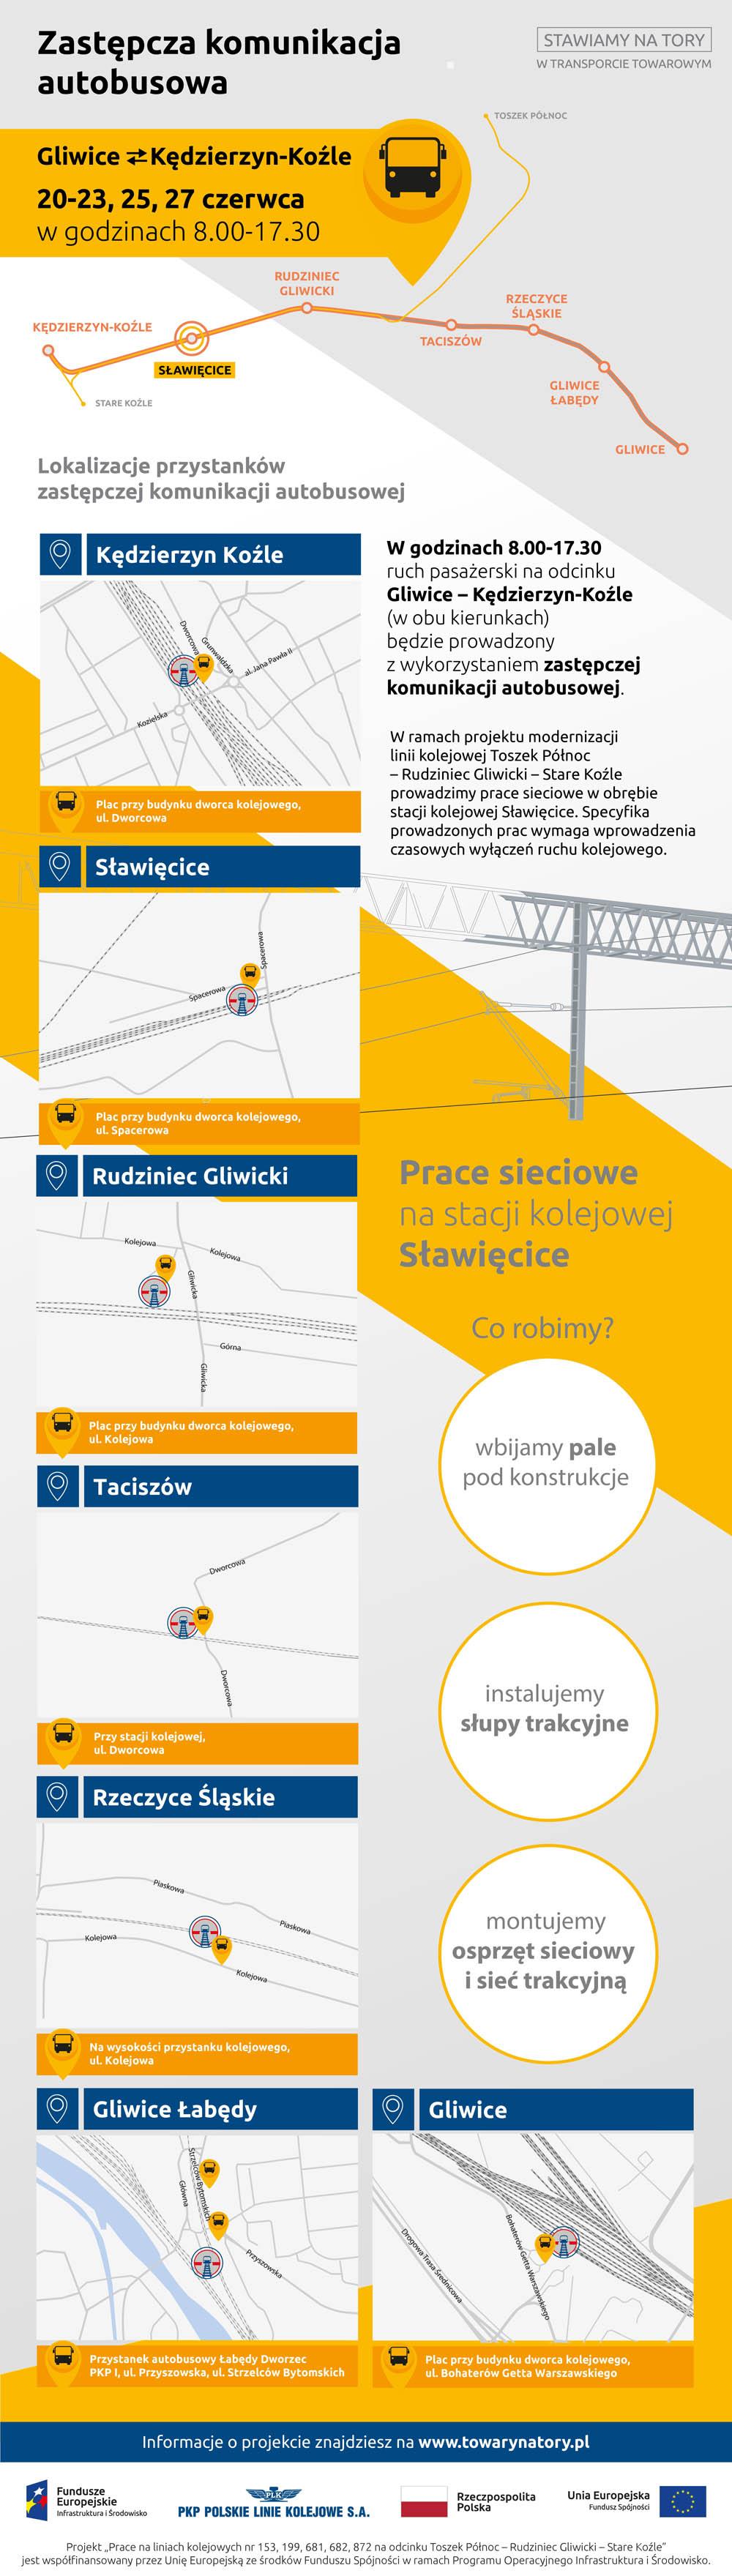 Infografika mówi o zastępczej komunikacji autobusowej między Gliwicami a Kędzierzynem Koźle w czerwcu dwu tysięcznego dziewiętnastego roku. Zastępcza komunikacja będzie obejmować: Kędzierzyn Koźle, Sławęcice, Rudziniec Gliwicki, Taciszów, Rzeczyce Śląskie, Gliwice Łabędy i Gliwice.